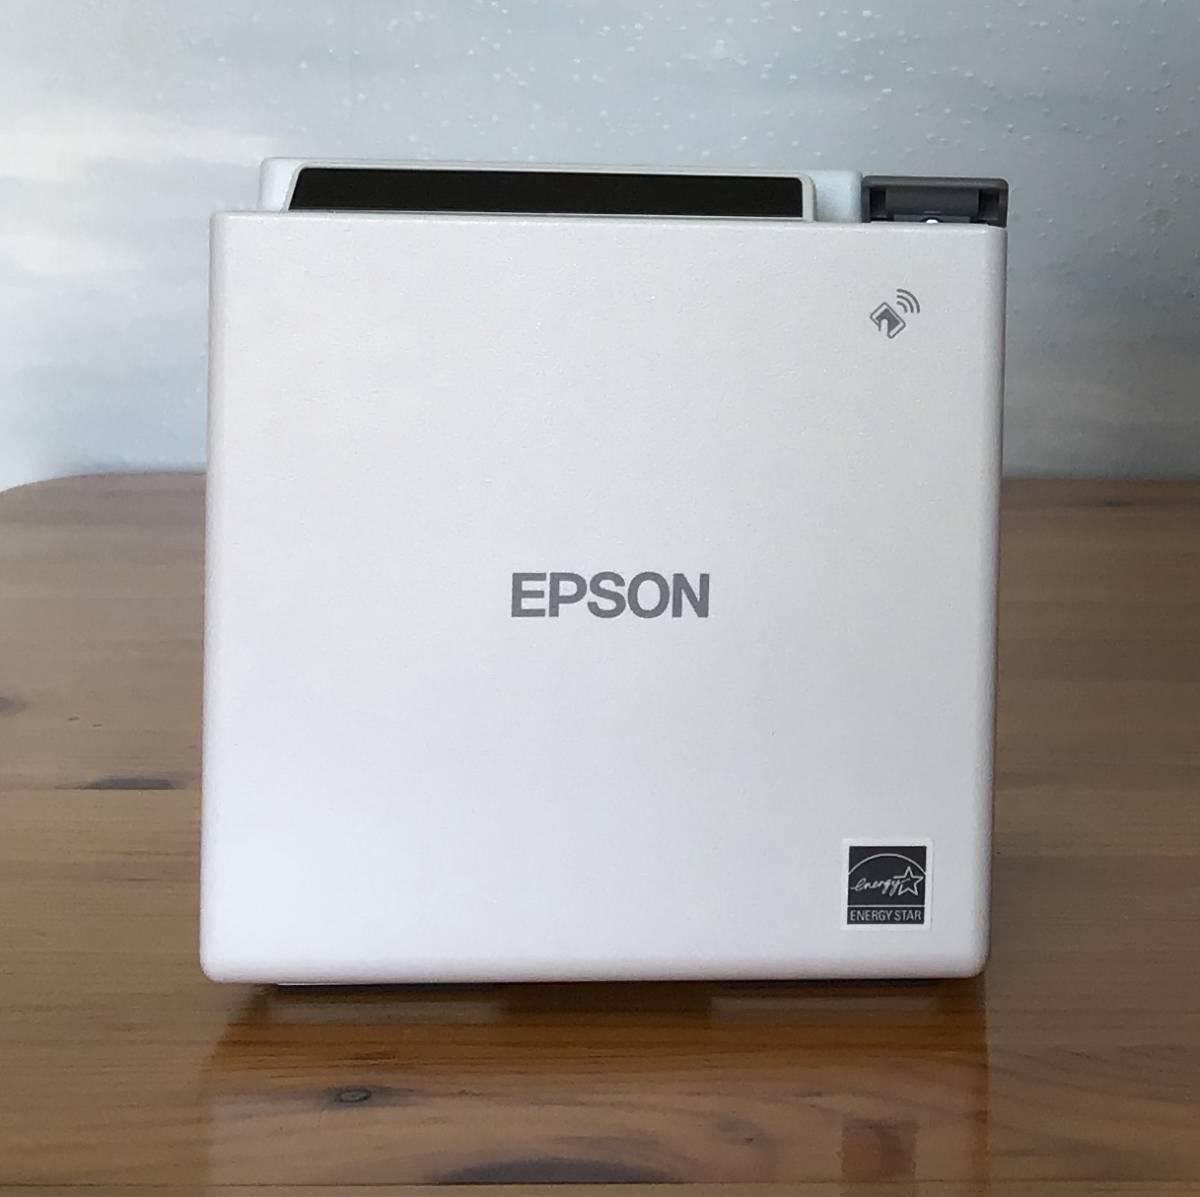 *送料無料*美品 EPSON コンパクトレシートプリンターTM-m10 Bluetooth 58mm 電源付き [ホワイト] POSレジ対応 スマレジ等